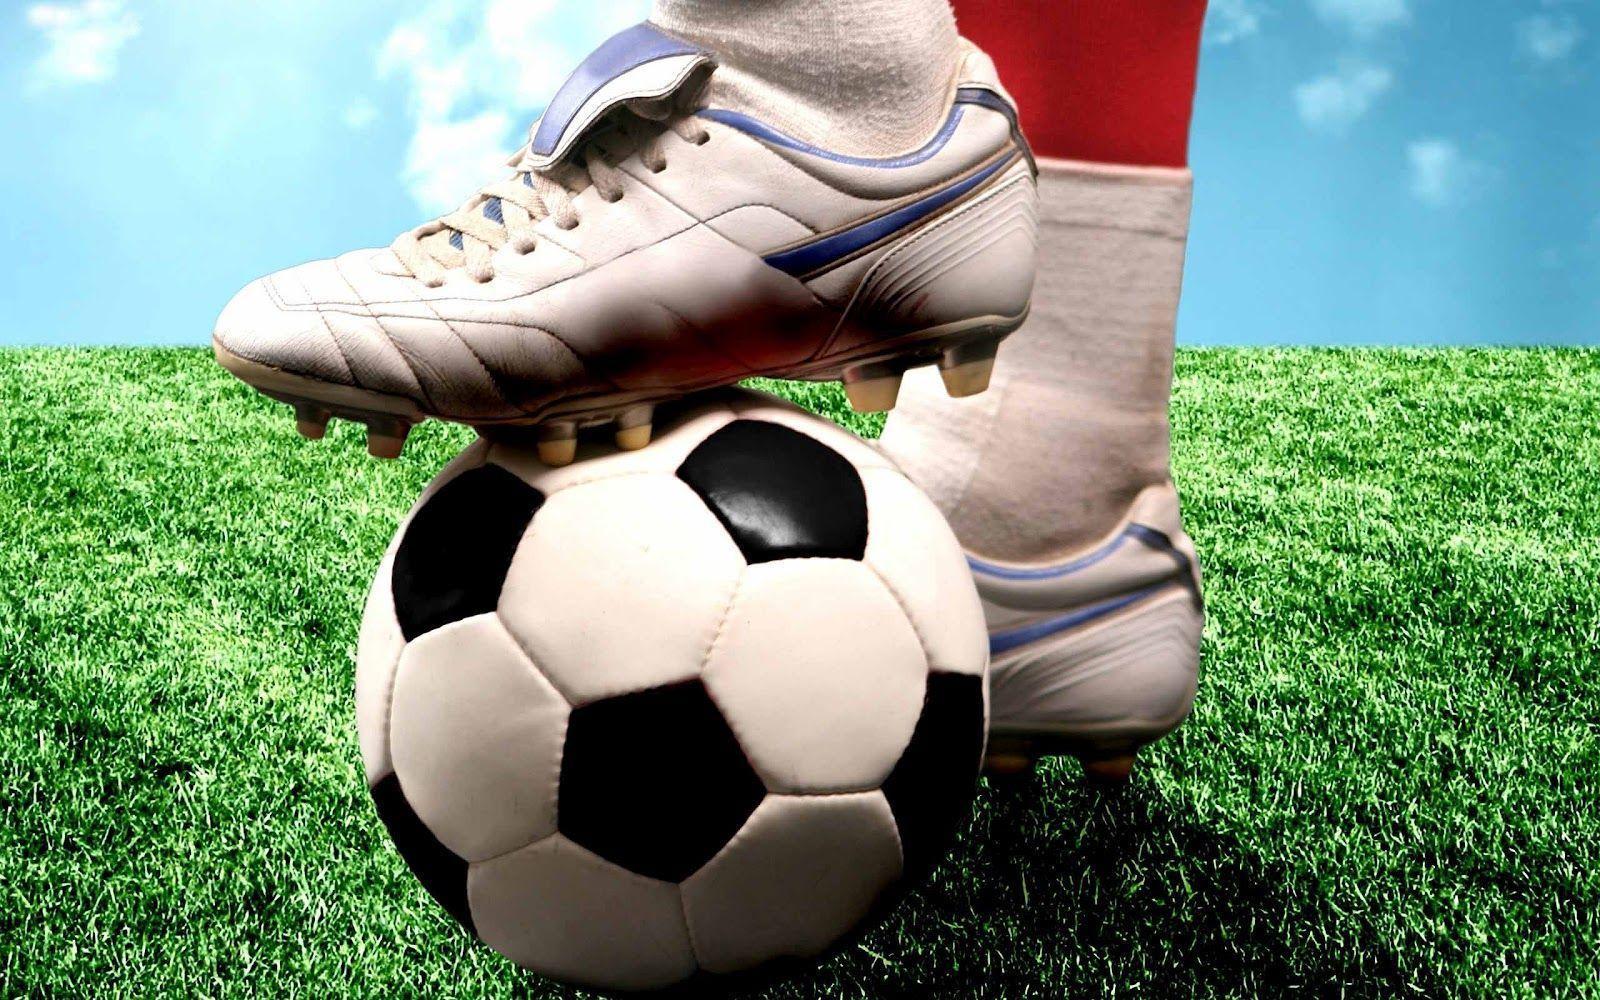 Soccer Desktop Backgrounds - Wallpaper Cave